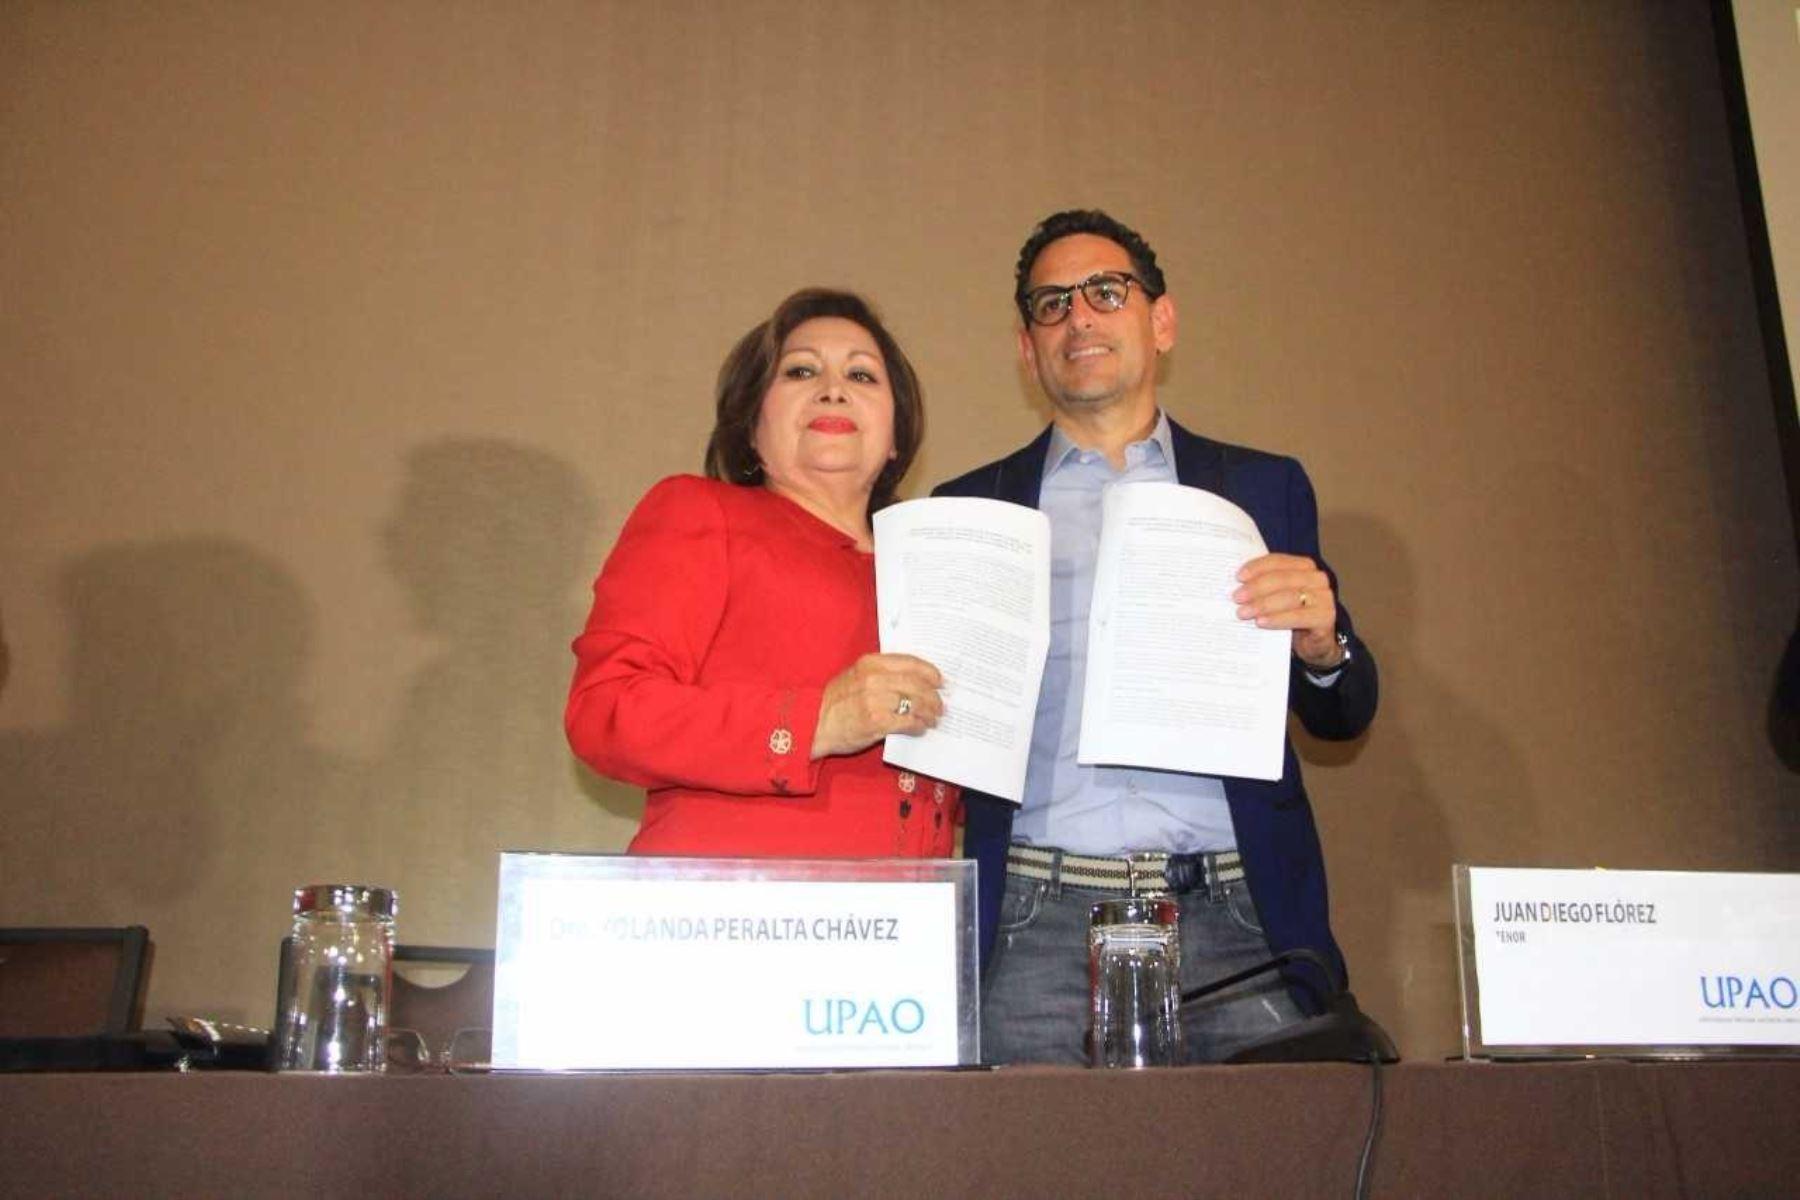 El convenio fue firmado por Juan Diego Flores, en representación de Sinfonía por el Perú, y la rectora de la UPAO, Yolanda Peralta Chávez.